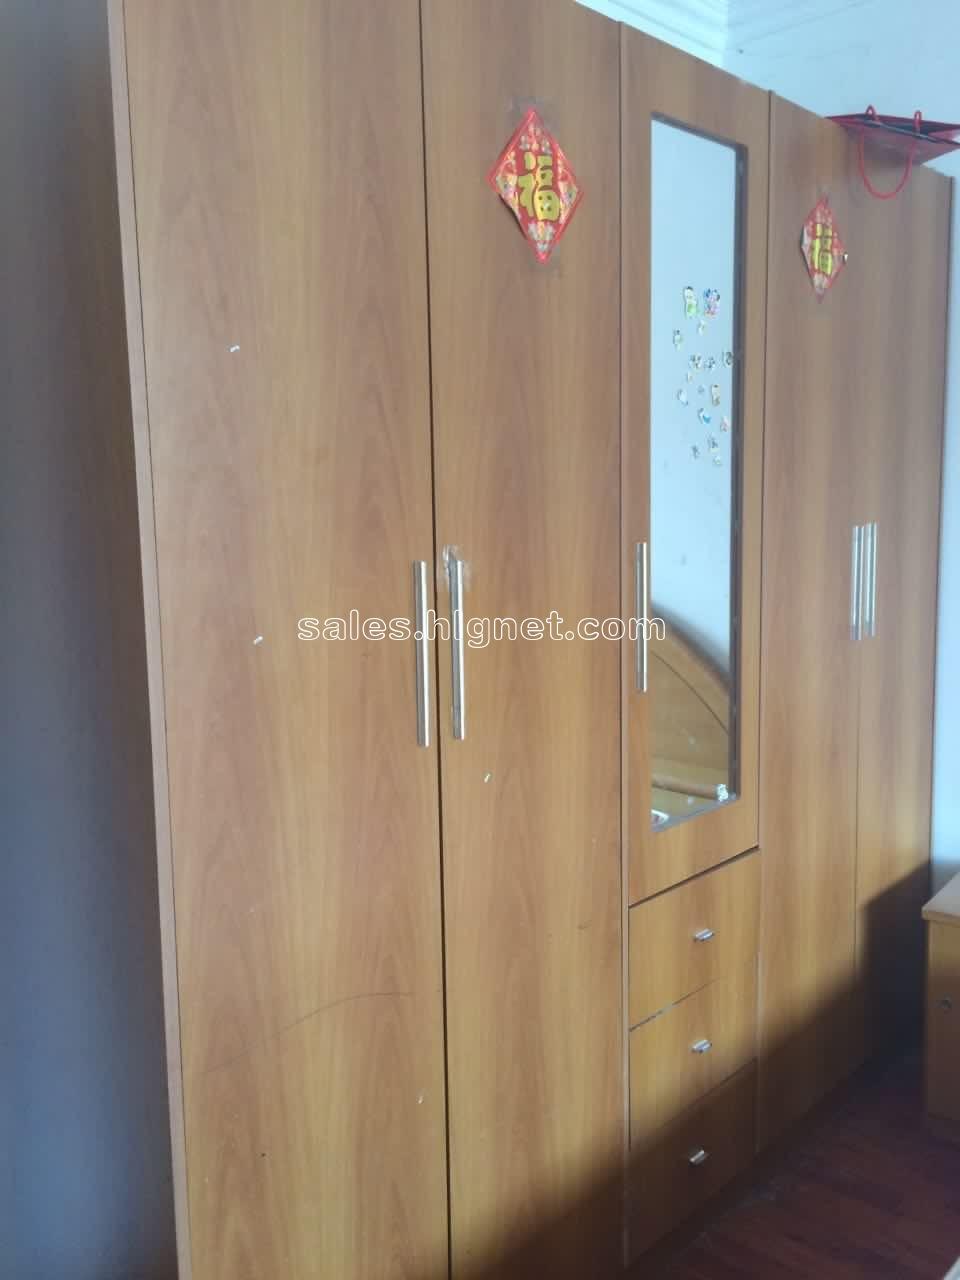 双开门衣柜,中间有镜子和抽屉